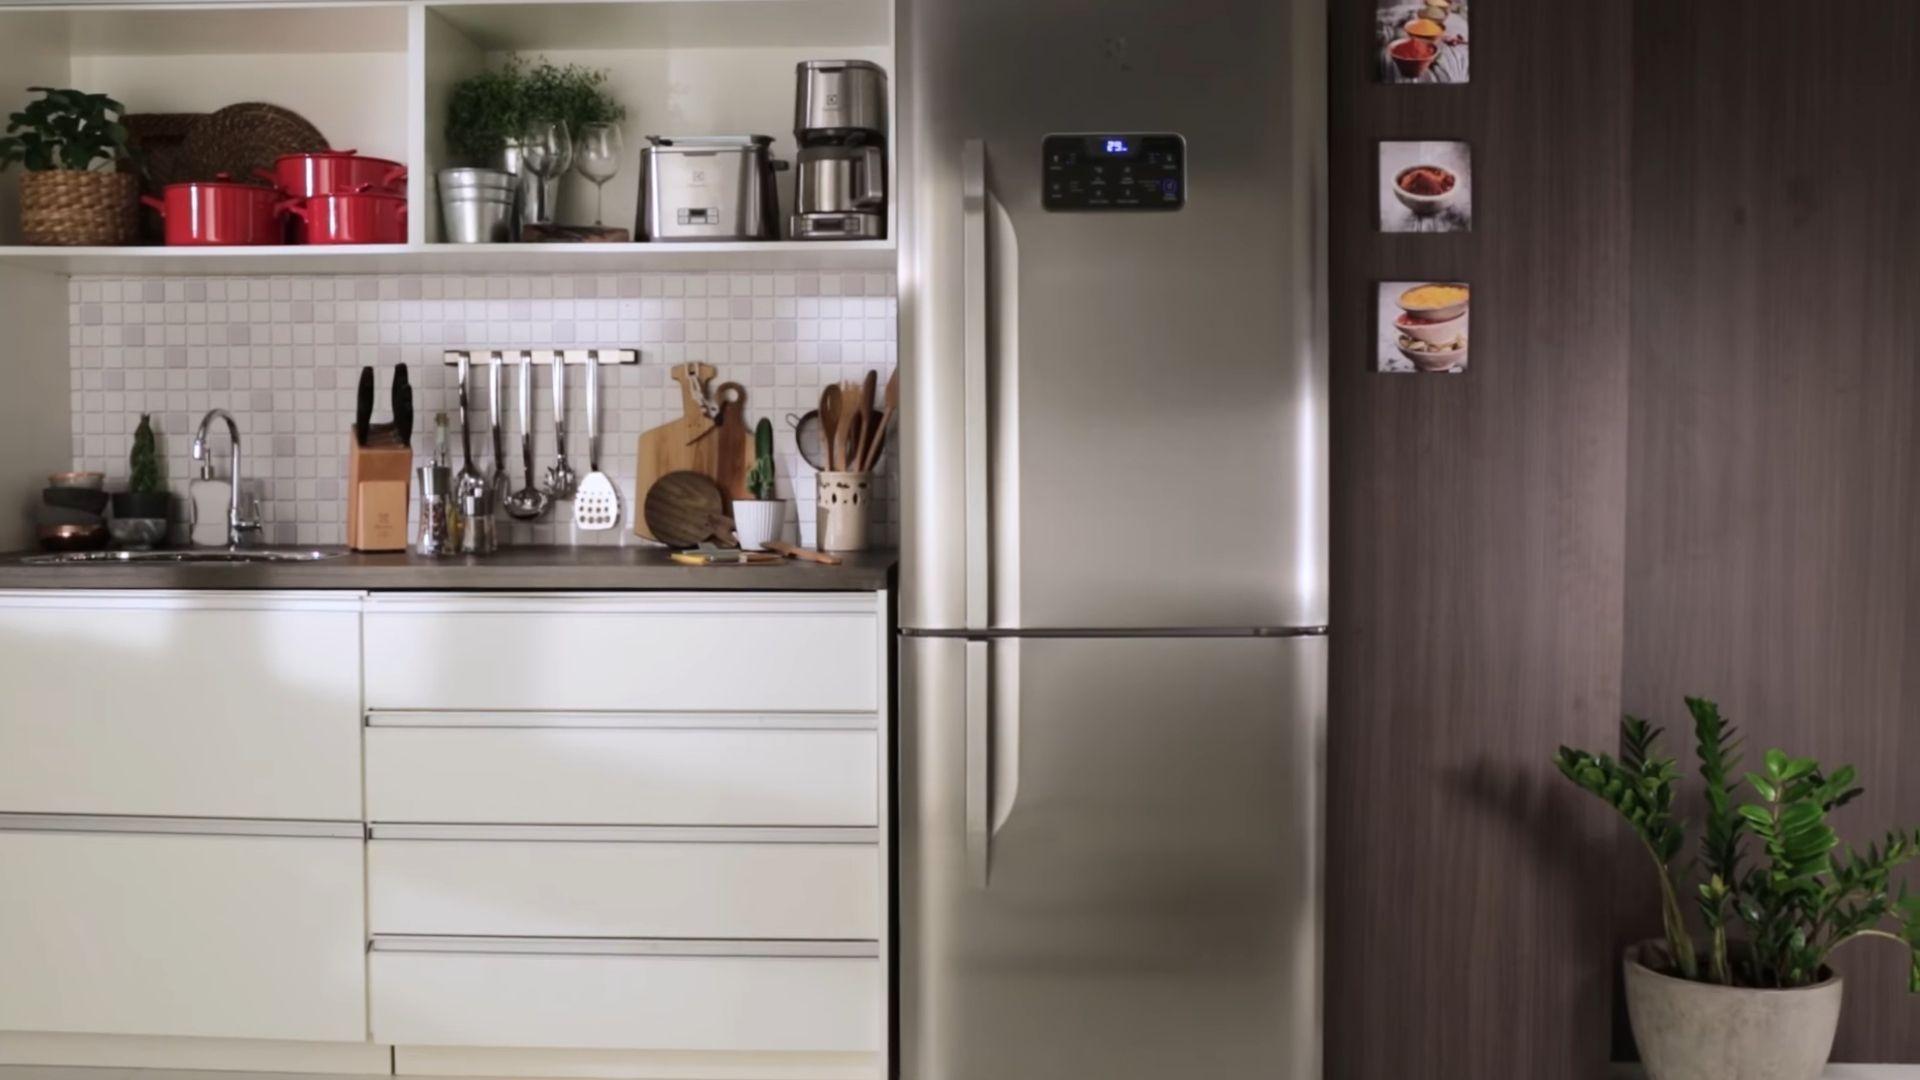 Geladeira inverse inox ao centro de uma cozinha, tendo armários brancos com detalhes em madeira à esquerda cheios de utensílios sobre eles